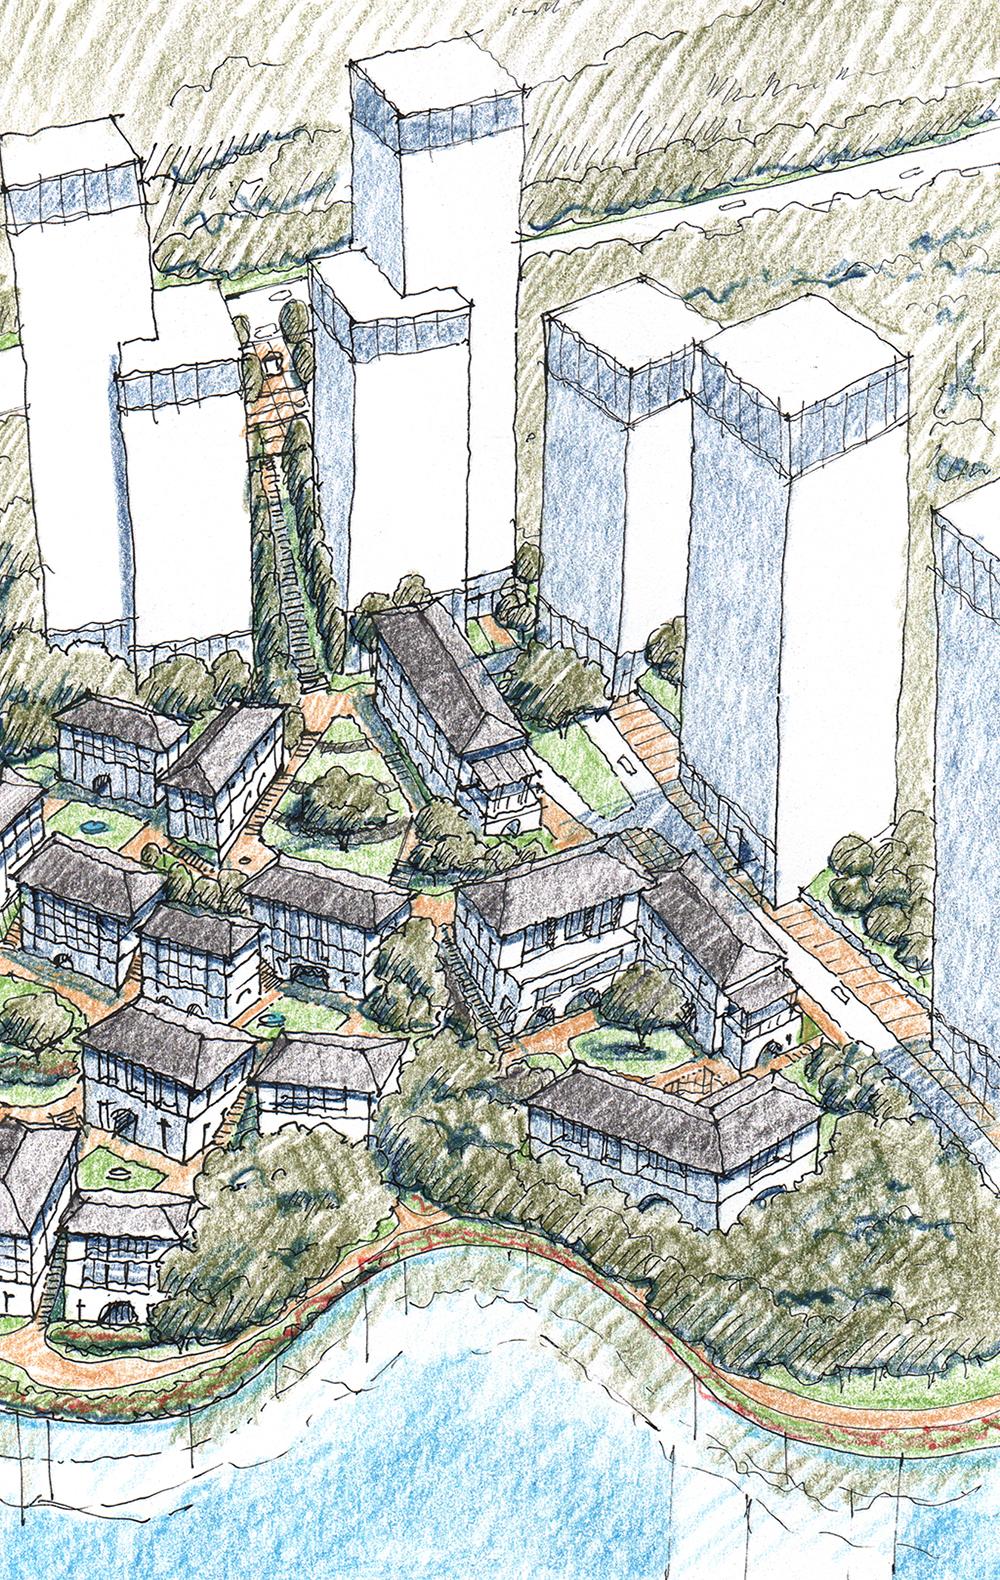 Chongqing_courtyard housing aerial.jpg